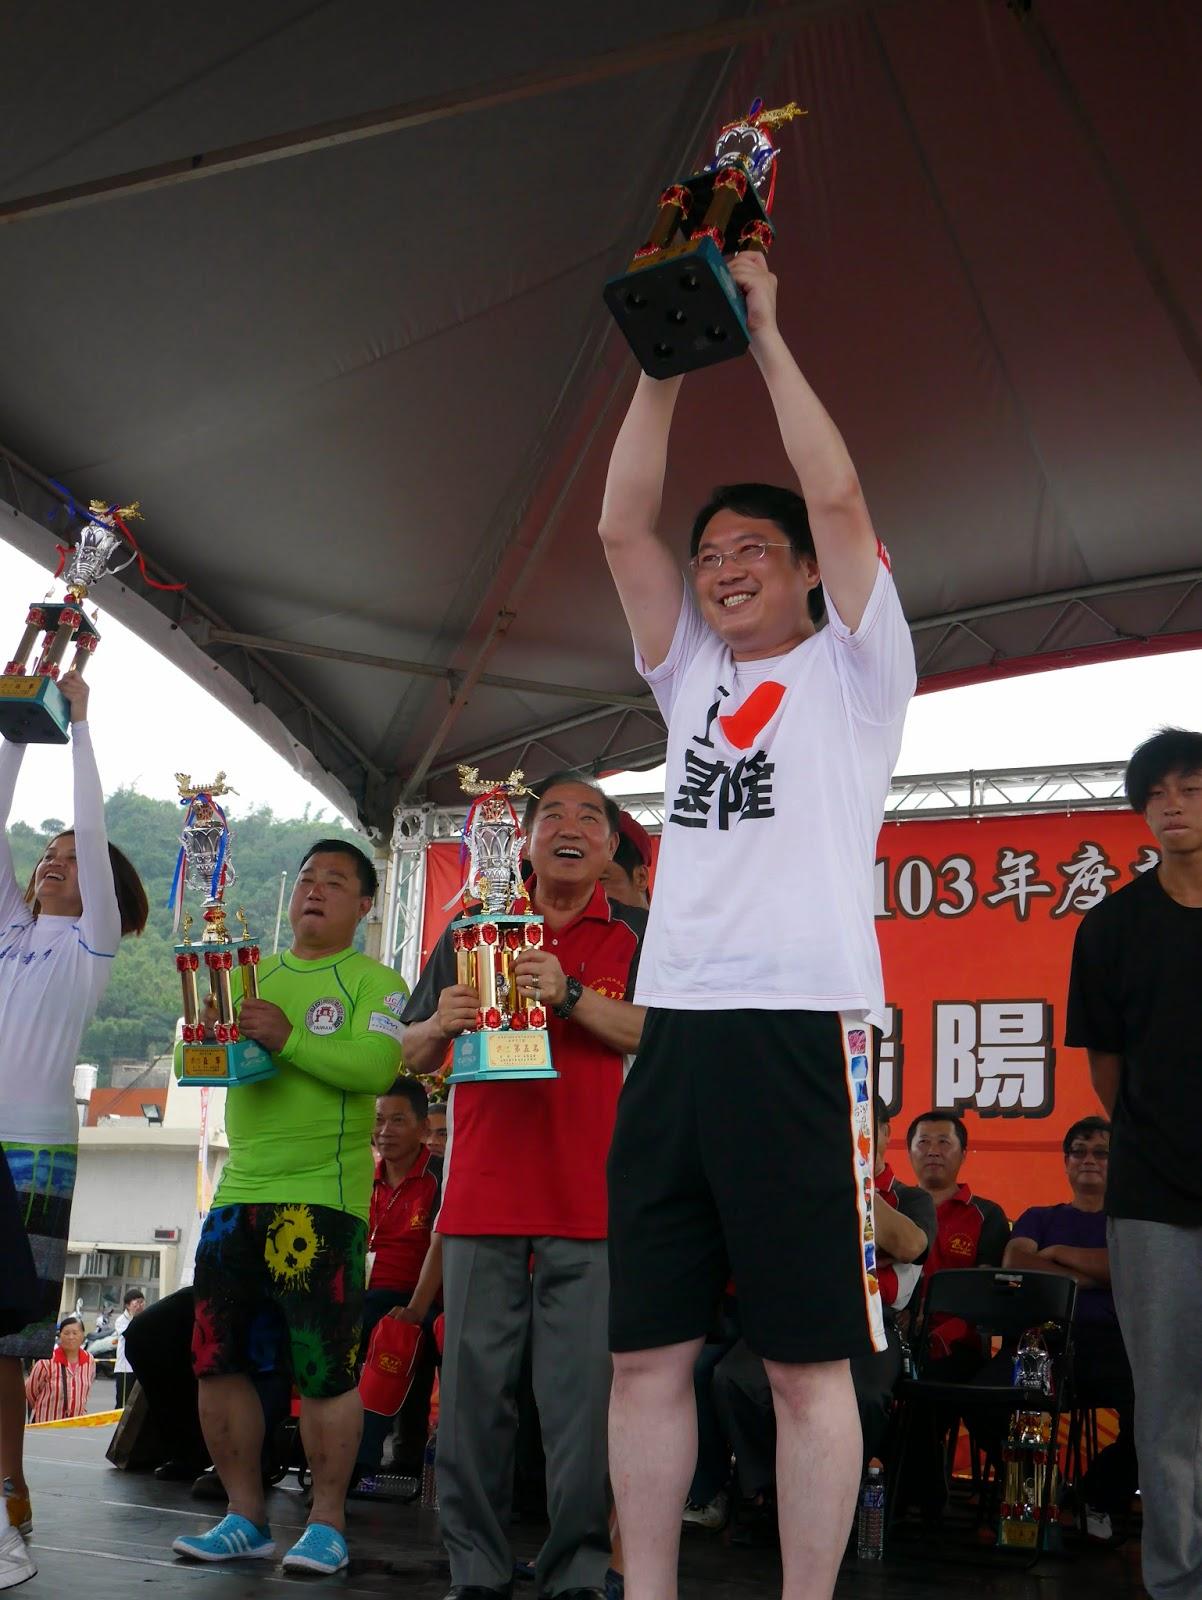 林右昌領取2014年龍舟賽獎盃,現場歡呼聲不斷